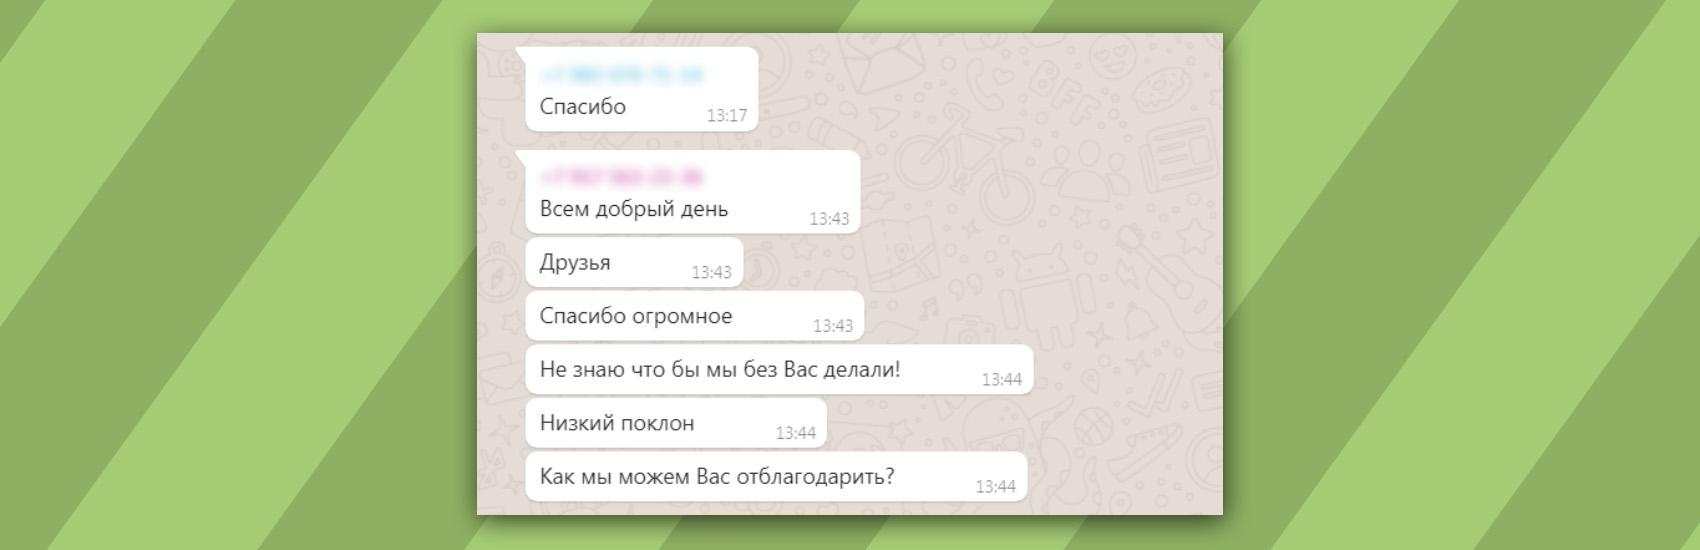 Отзыв клиента перевод текстов